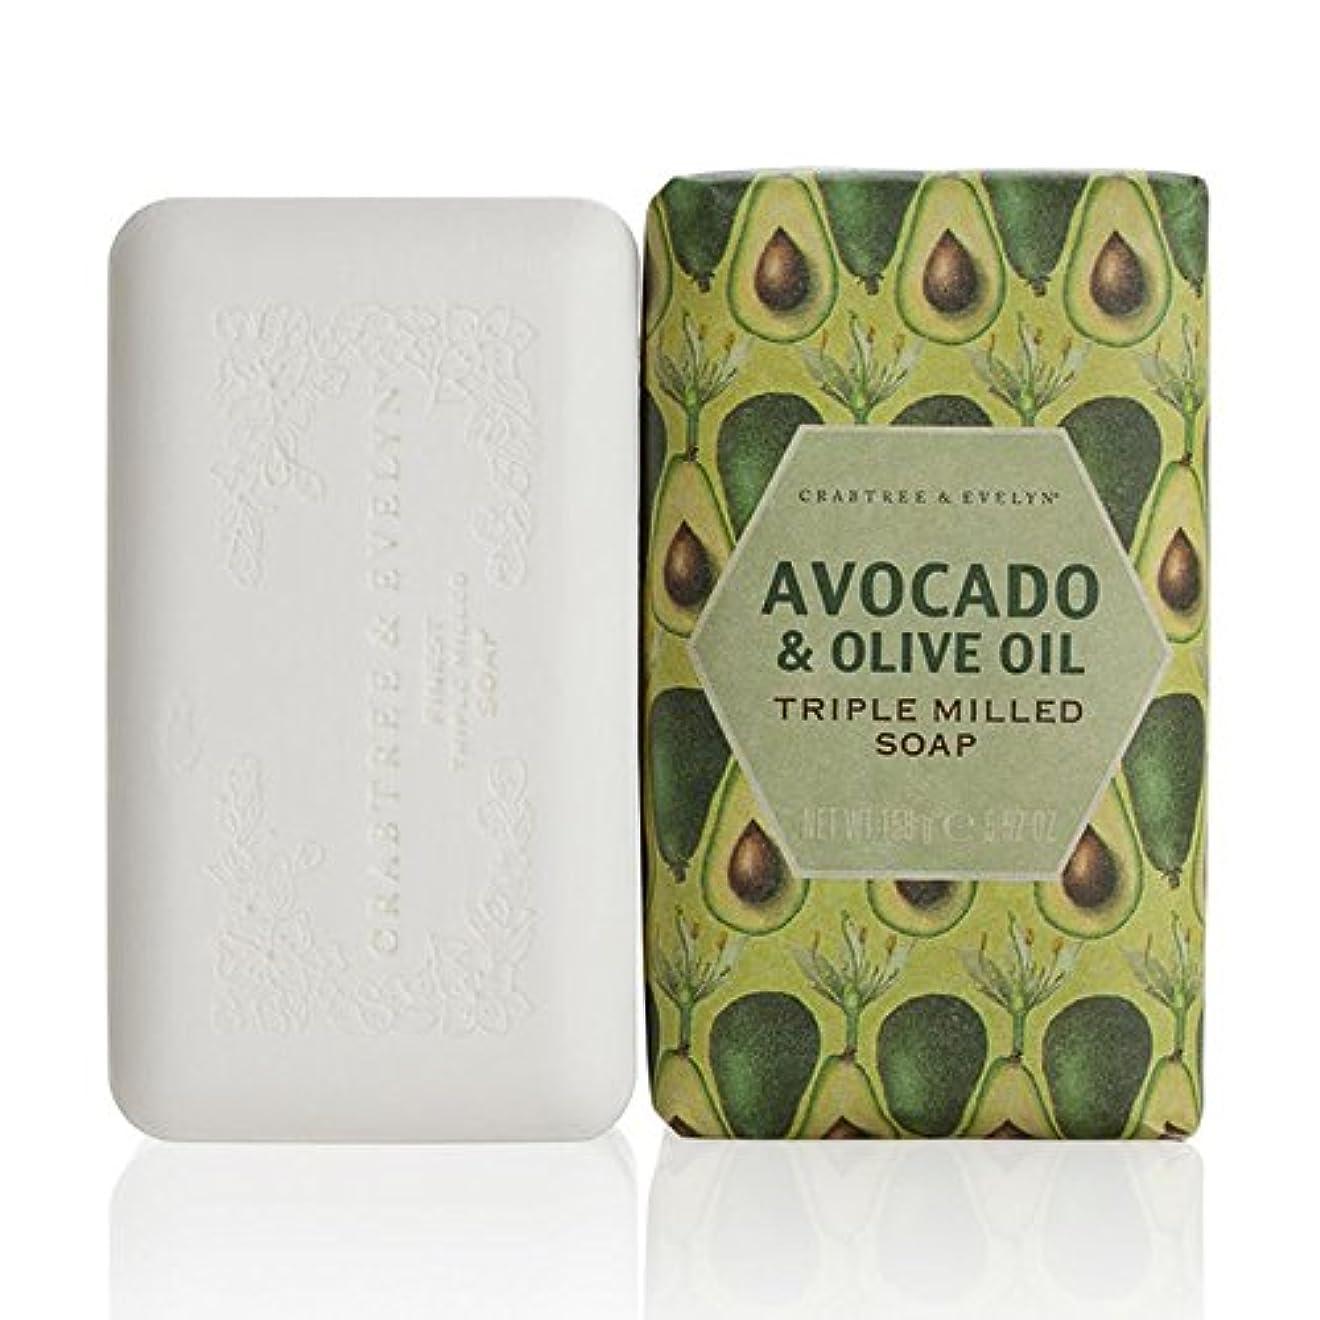 期待して長老浮くCrabtree & Evelyn Avocado & Olive Oil Milled Soap 158g (Pack of 6) - クラブツリー&イヴリンアボカド&オリーブオイル粉砕された石鹸158グラム x6 [...